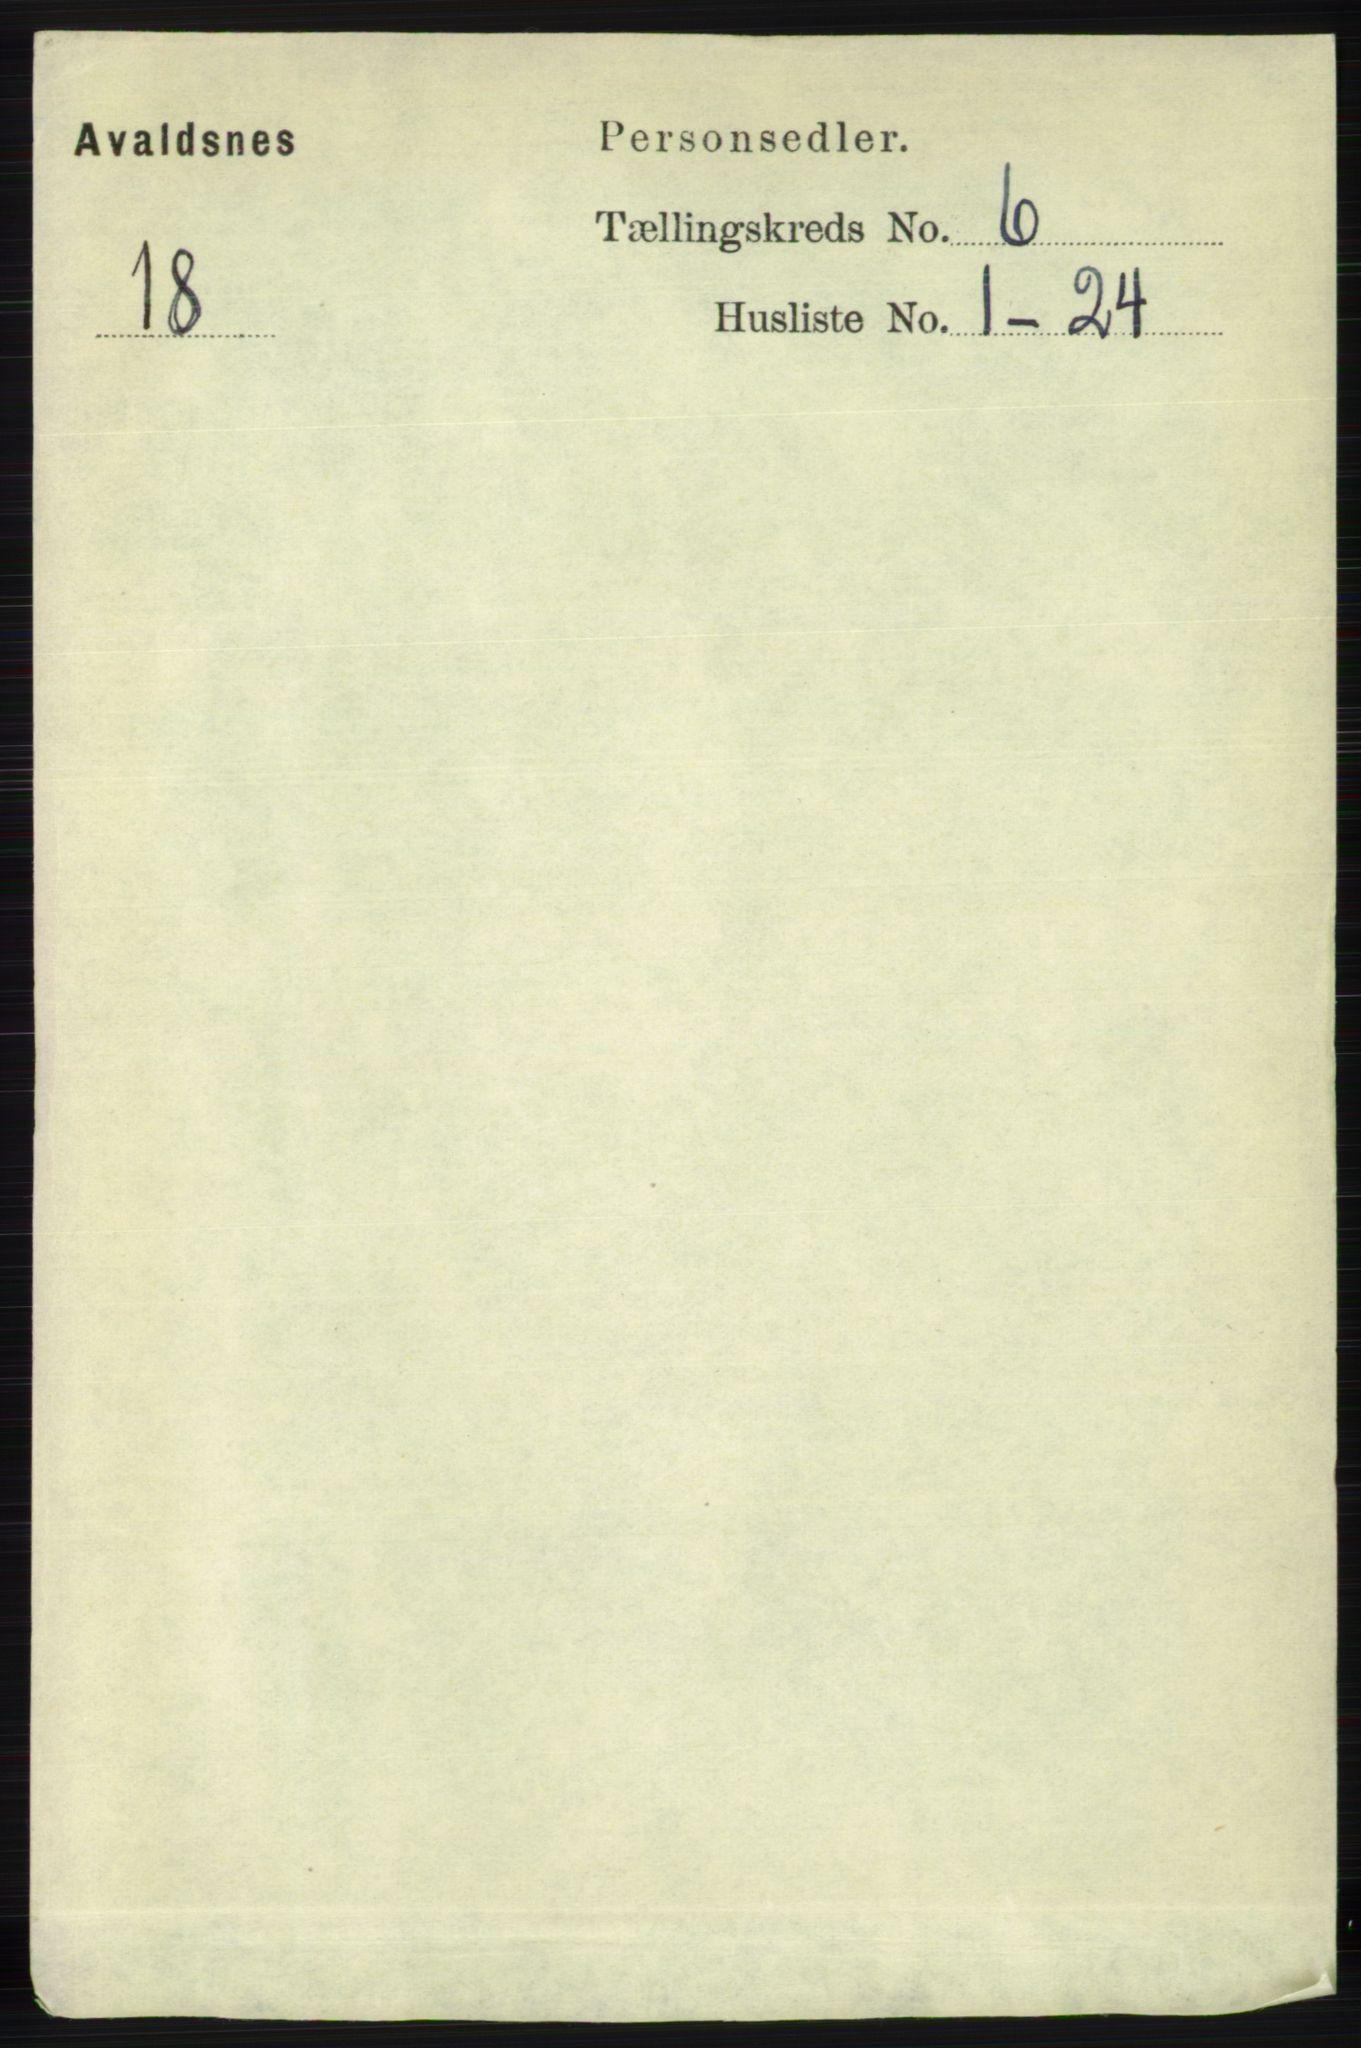 RA, Folketelling 1891 for 1147 Avaldsnes herred, 1891, s. 3234